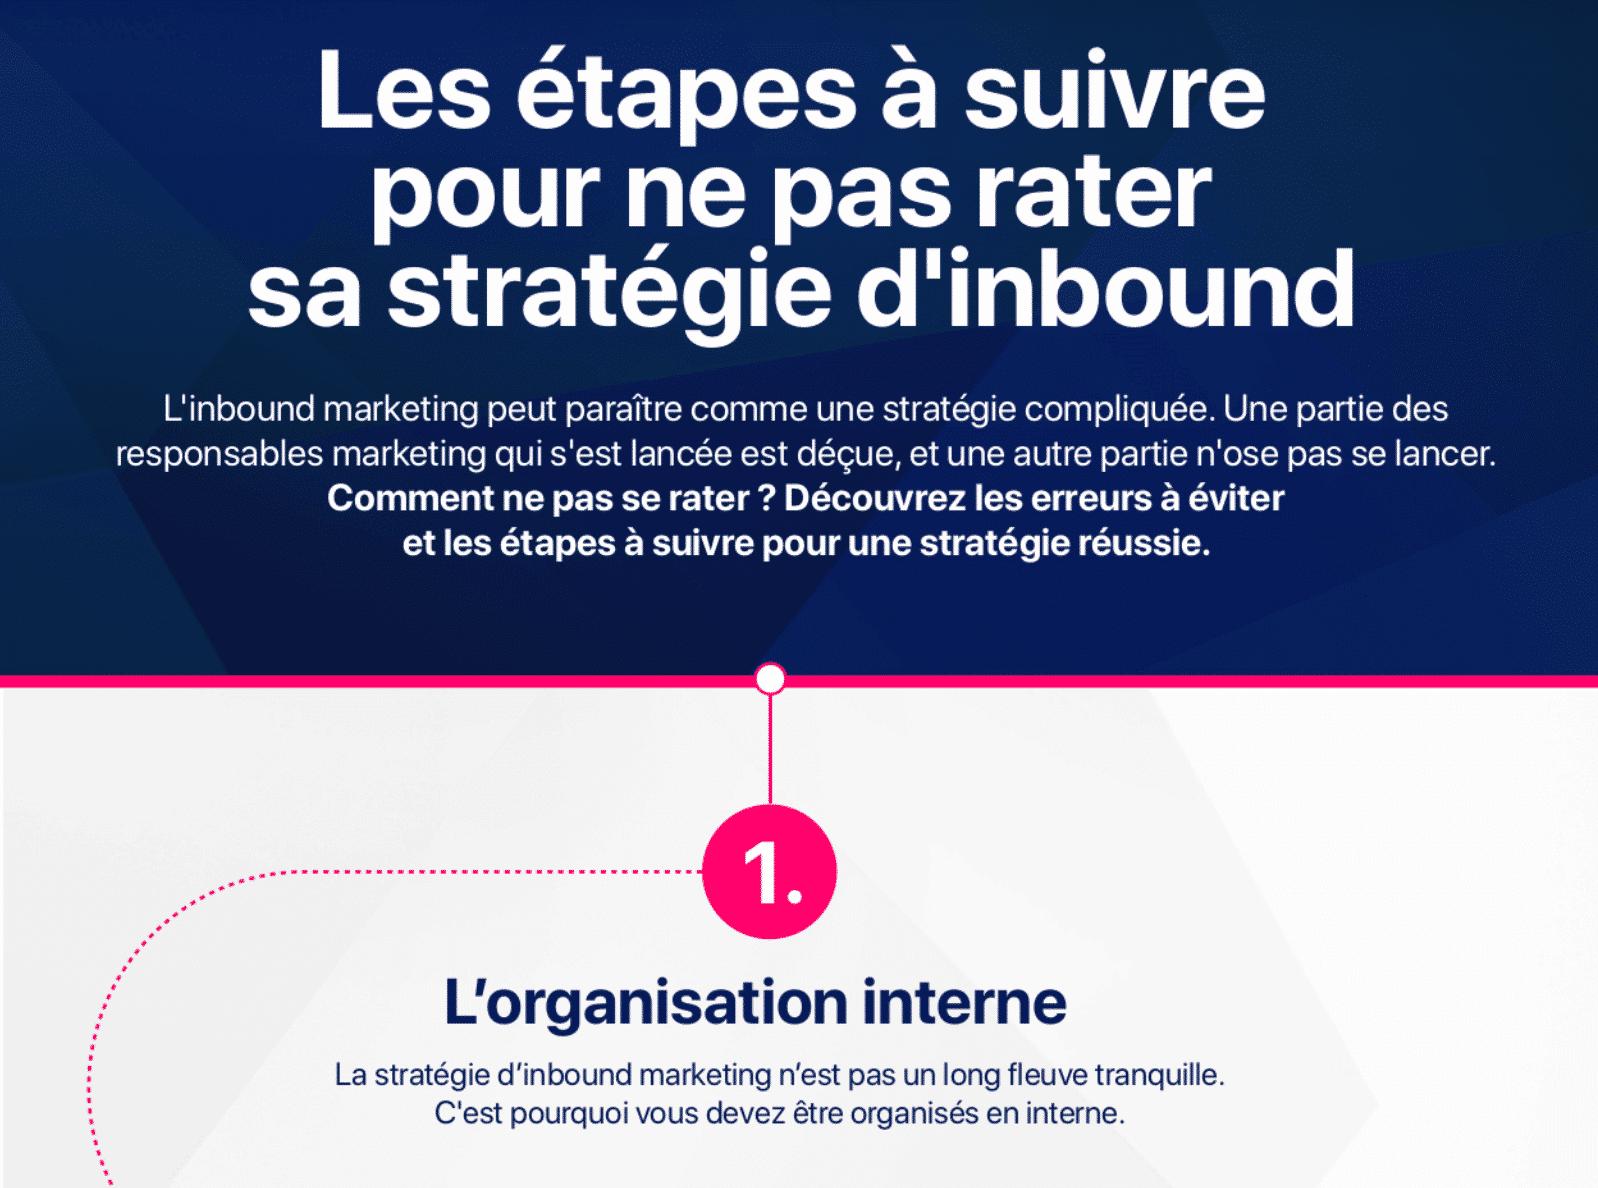 infographie plezi détaillant les étapes pour mettre en place une stratégie d'inbound marketing